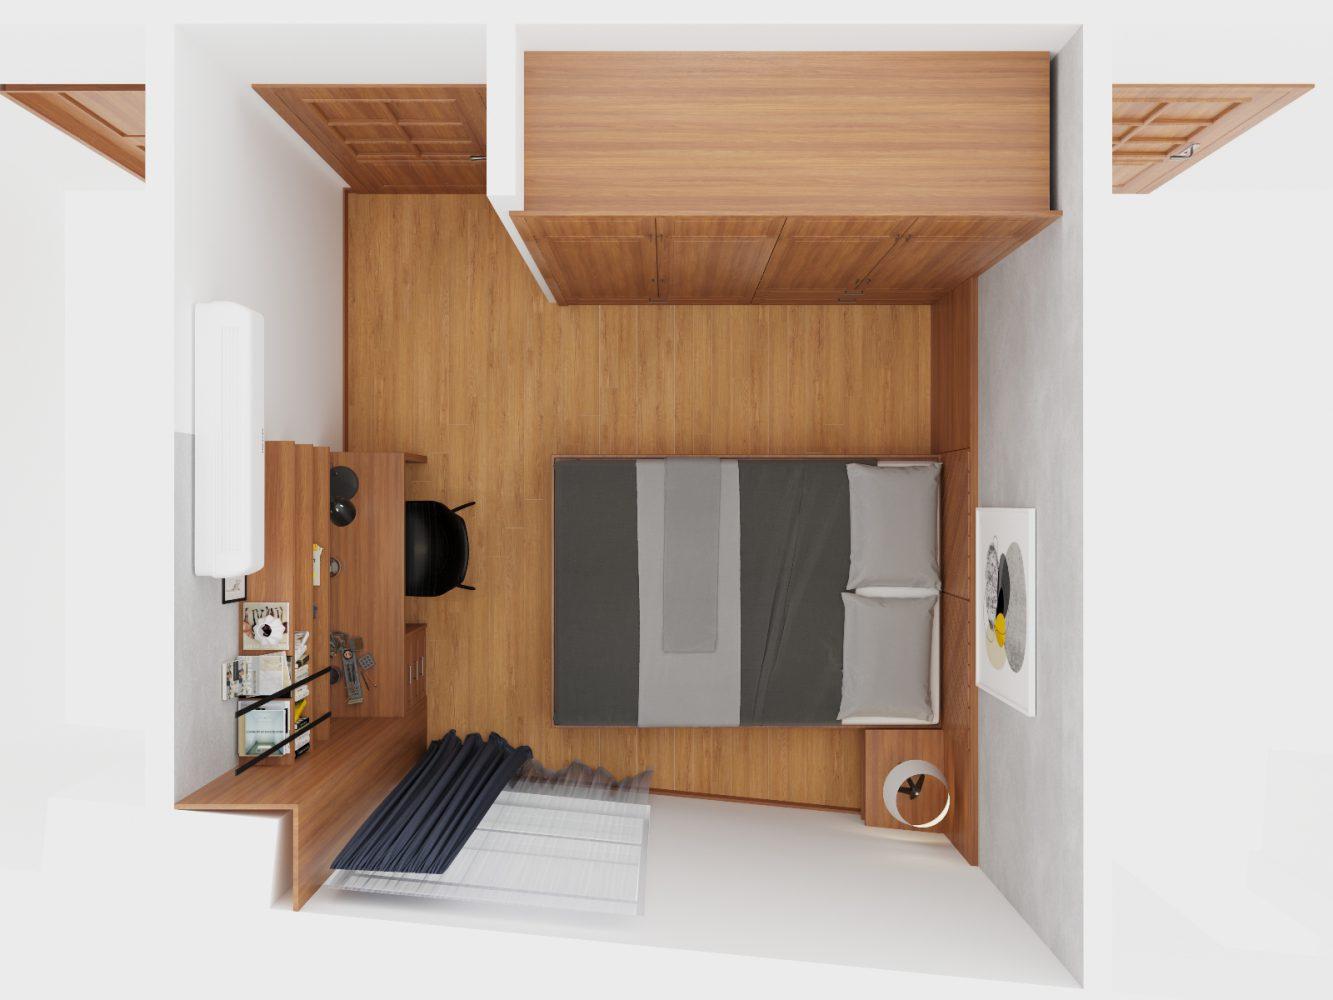 Thiết kế nội thất căn hộ 3 phòng ngủ - 05